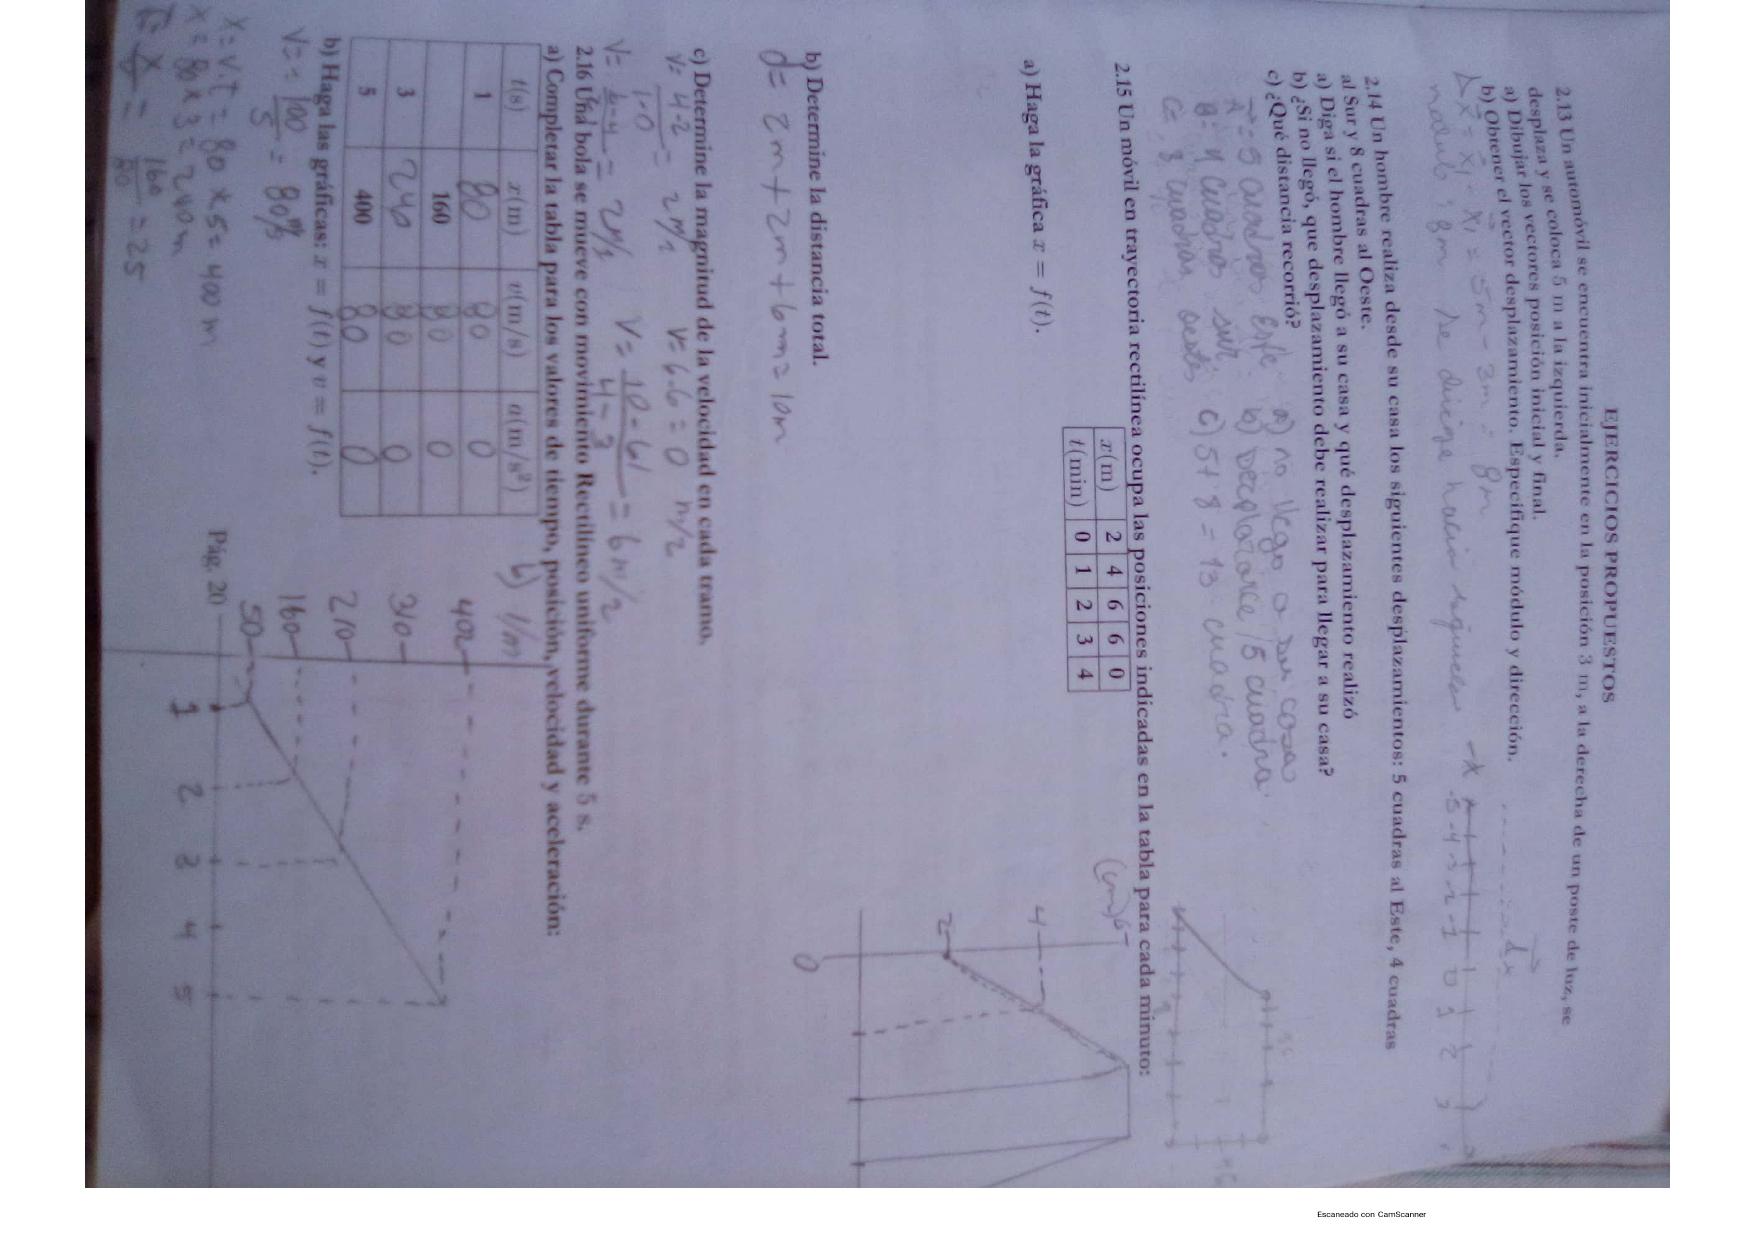 cuaderno-de-trabajo-f-sica-b-sica-page-0019